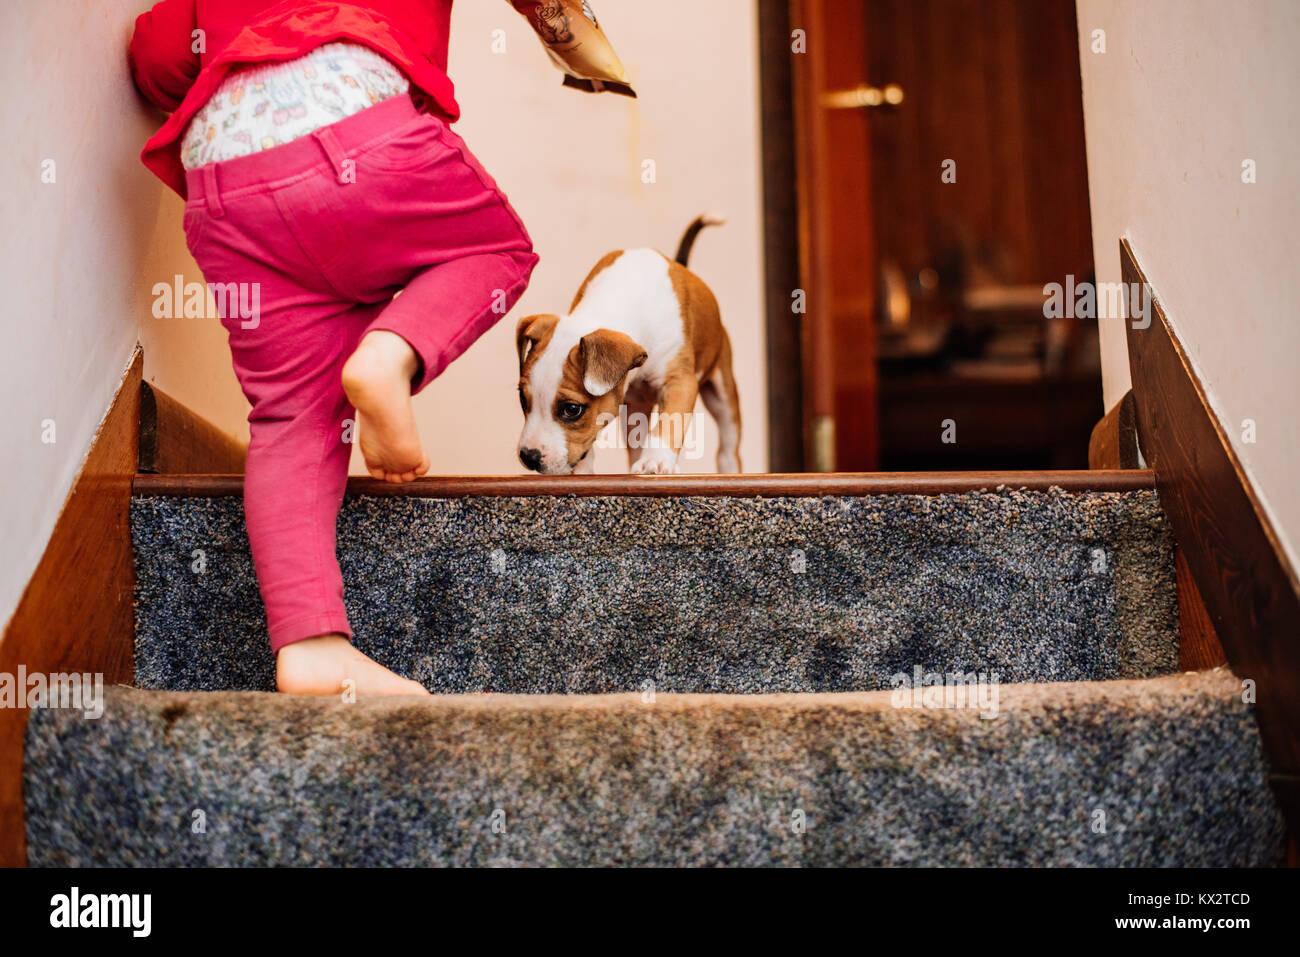 Un niño niña sube las escaleras mientras un cachorro camina hacia ella. Imagen De Stock